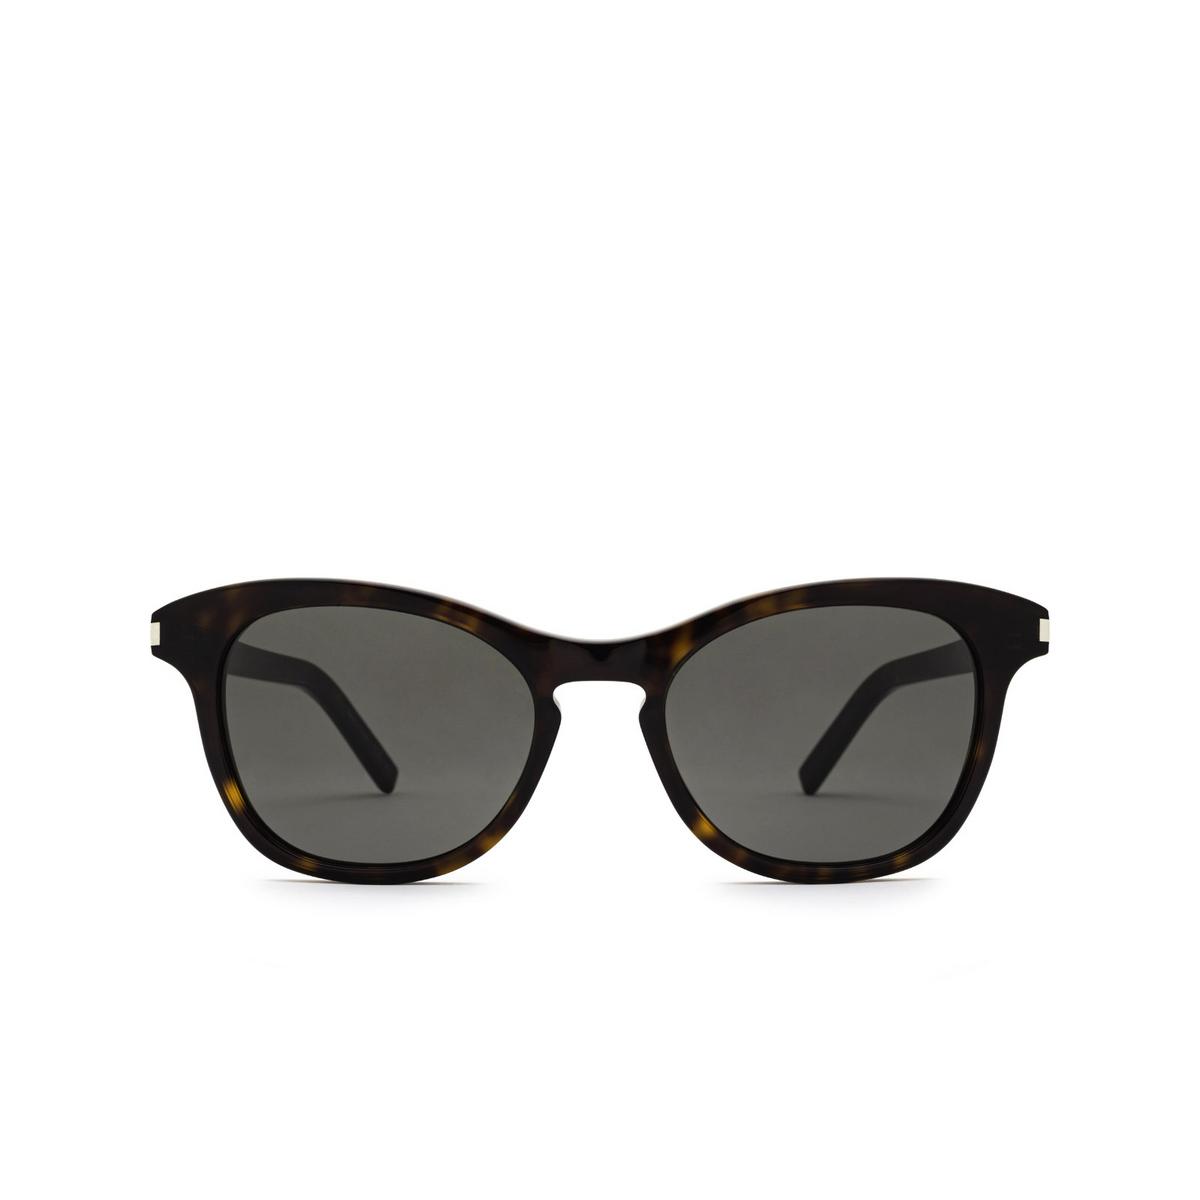 Saint Laurent® Cat-eye Sunglasses: SL 356 color Dark Havana 010 - front view.